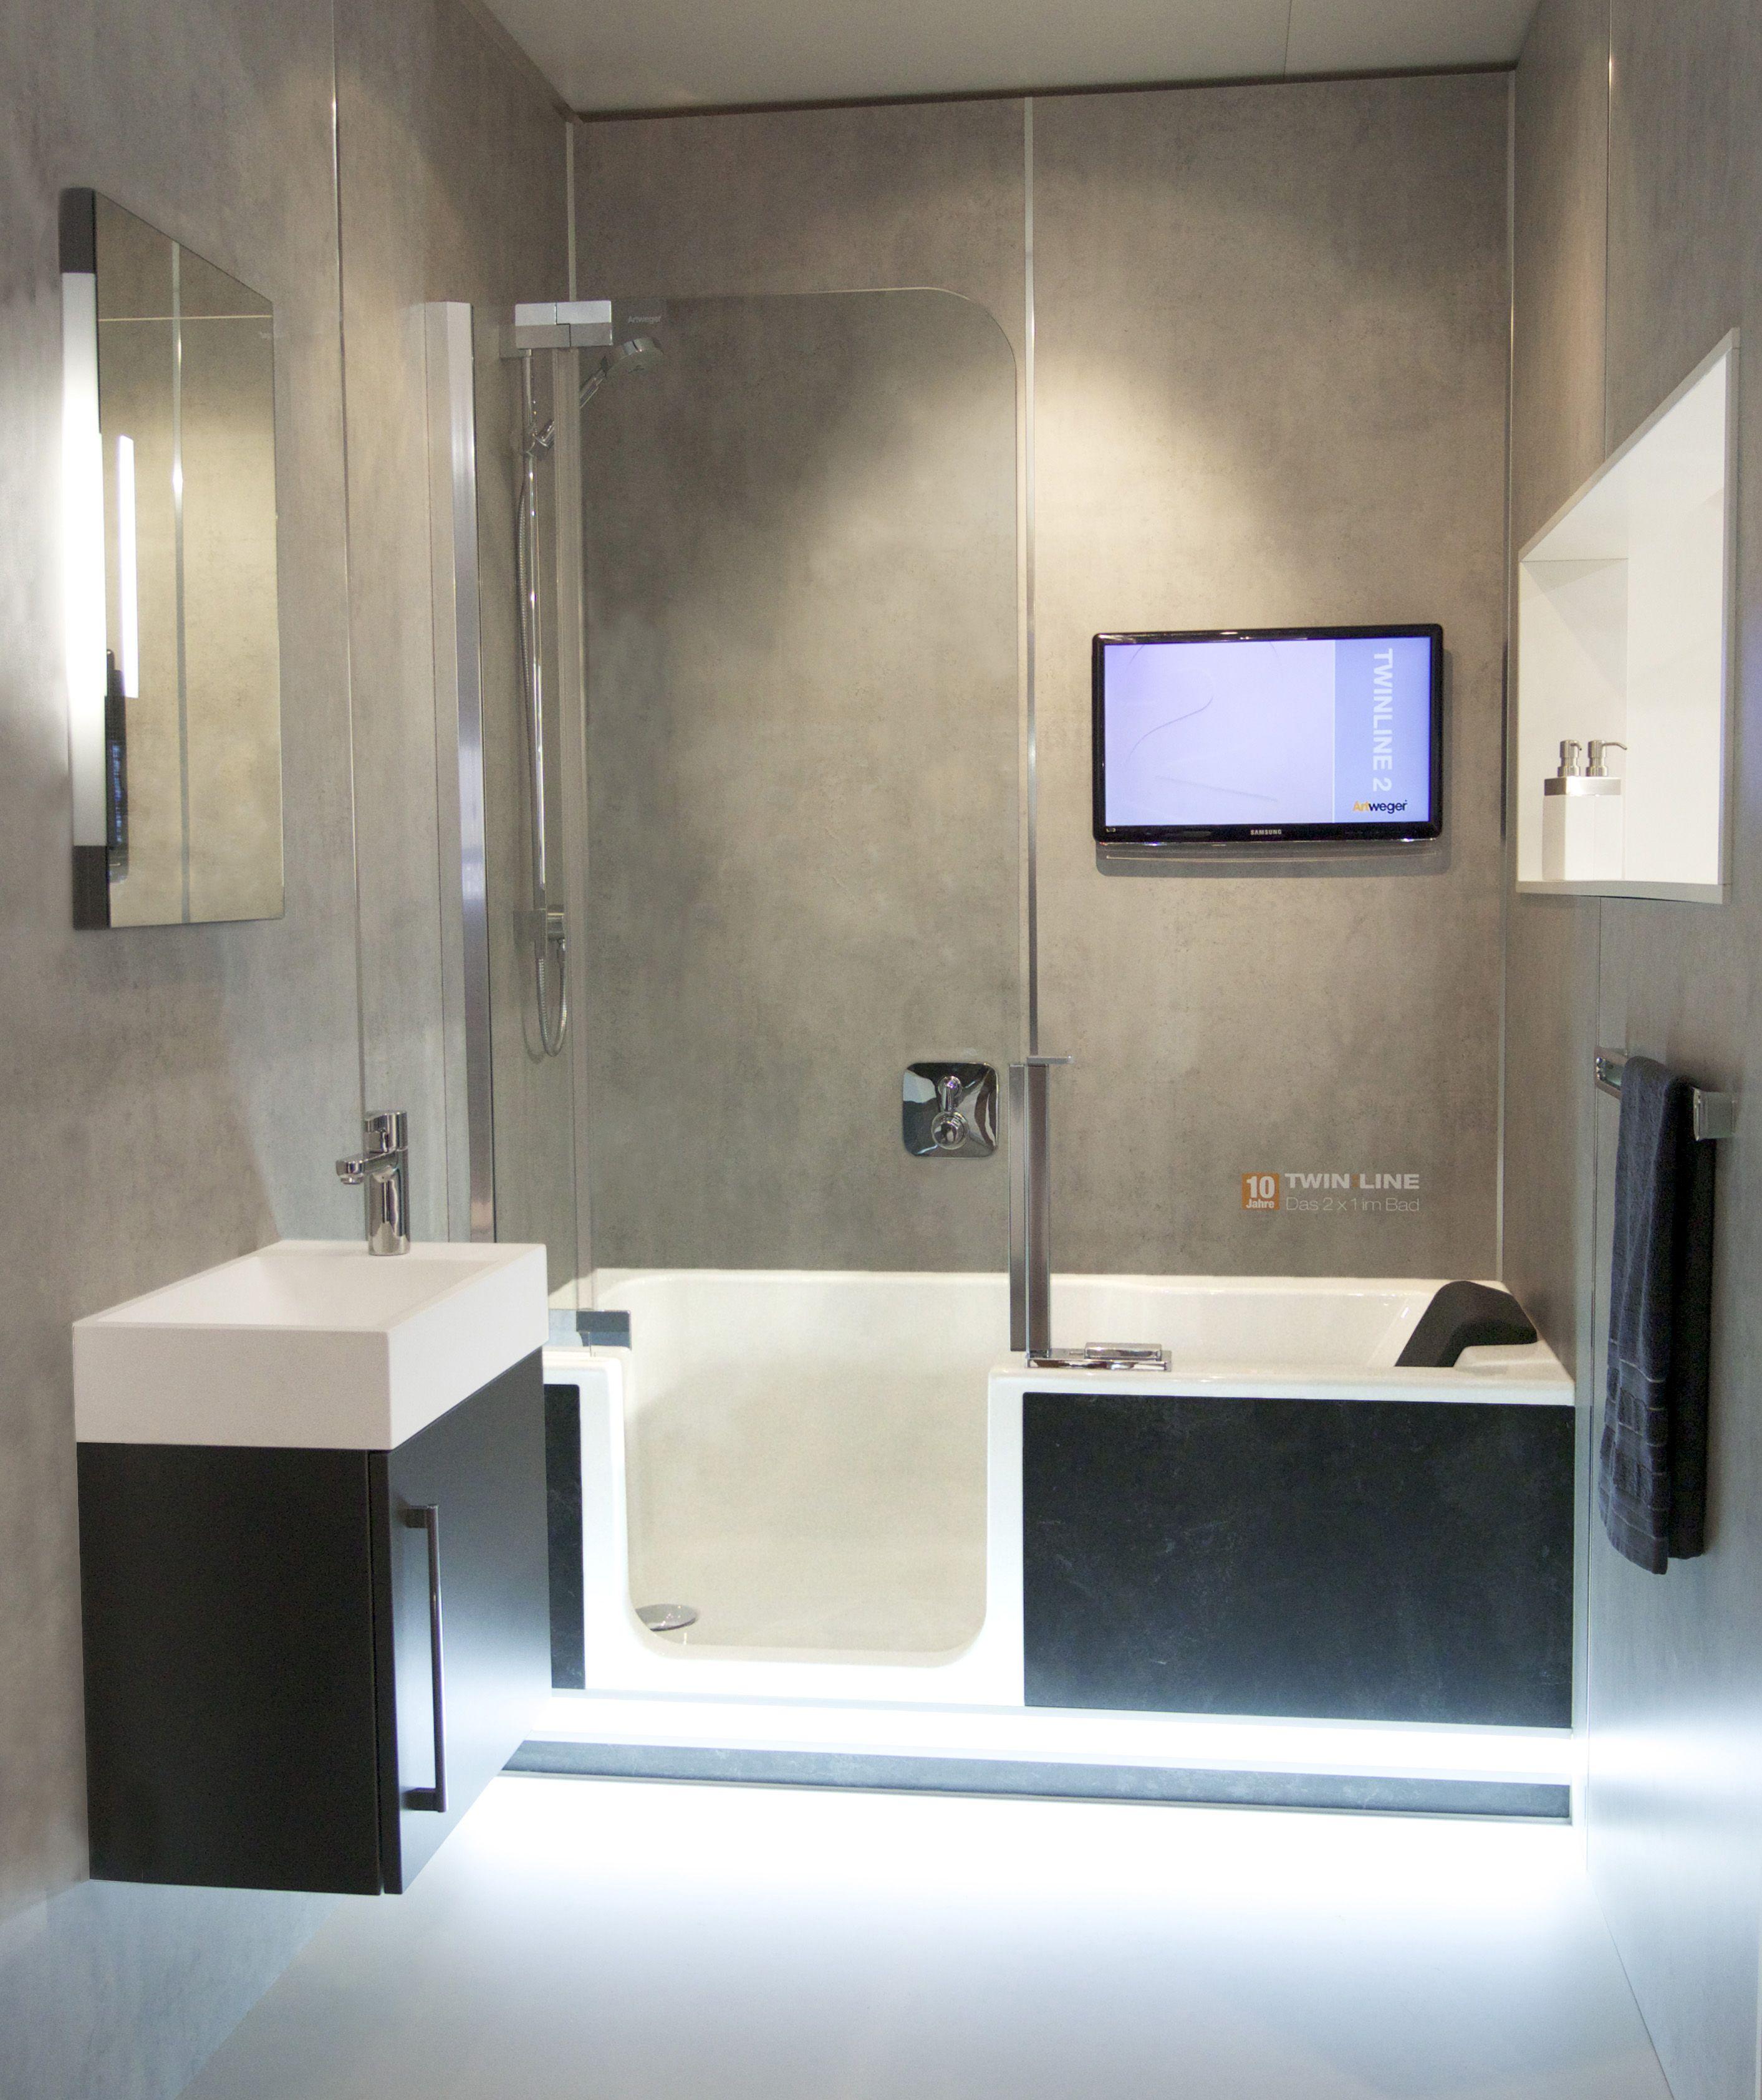 Komplettes Bad Auf Ganz Wenig Raum Mit Badewanne Und Dusche In Einem Dank Twinline 2 Duschbadewanne Www Artweger At Sho Badewanne Duschbadewanne Badezimmer